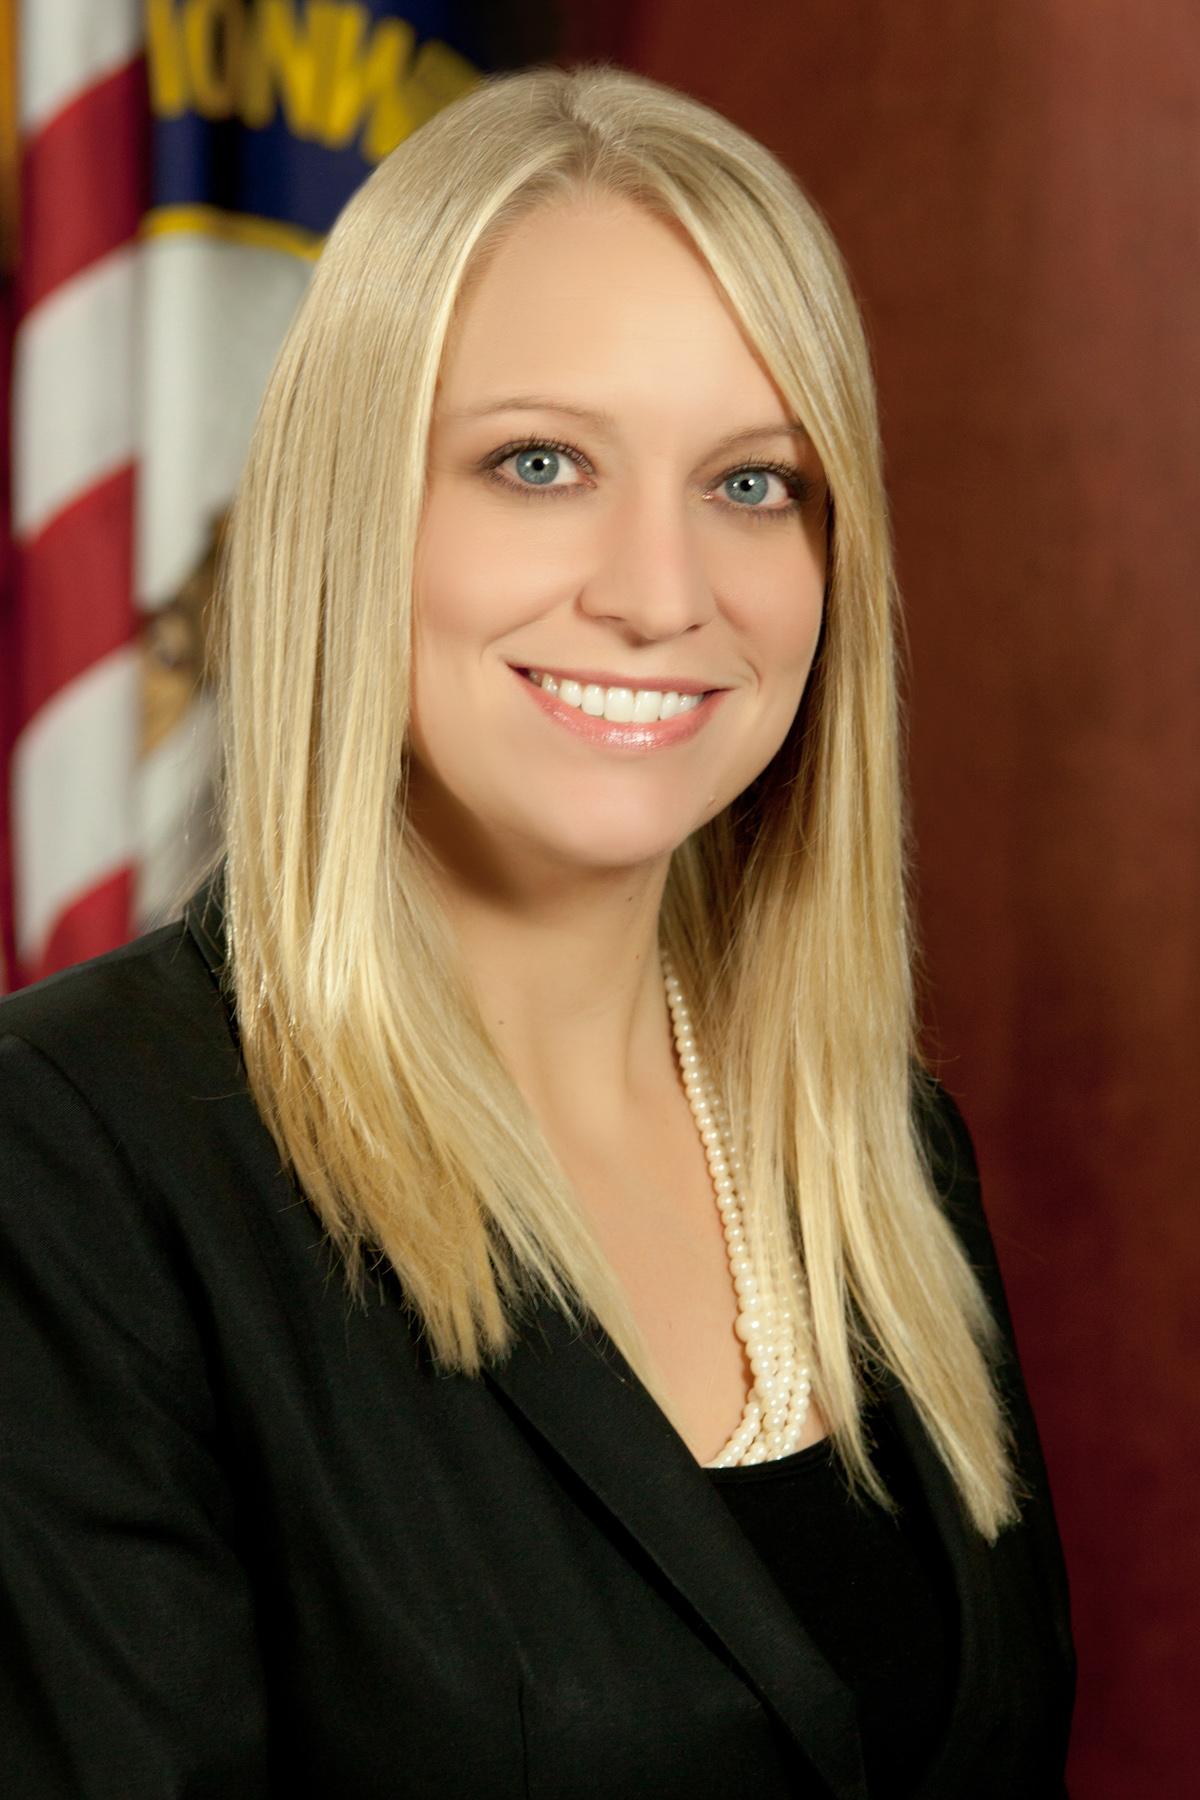 Megan Mersch